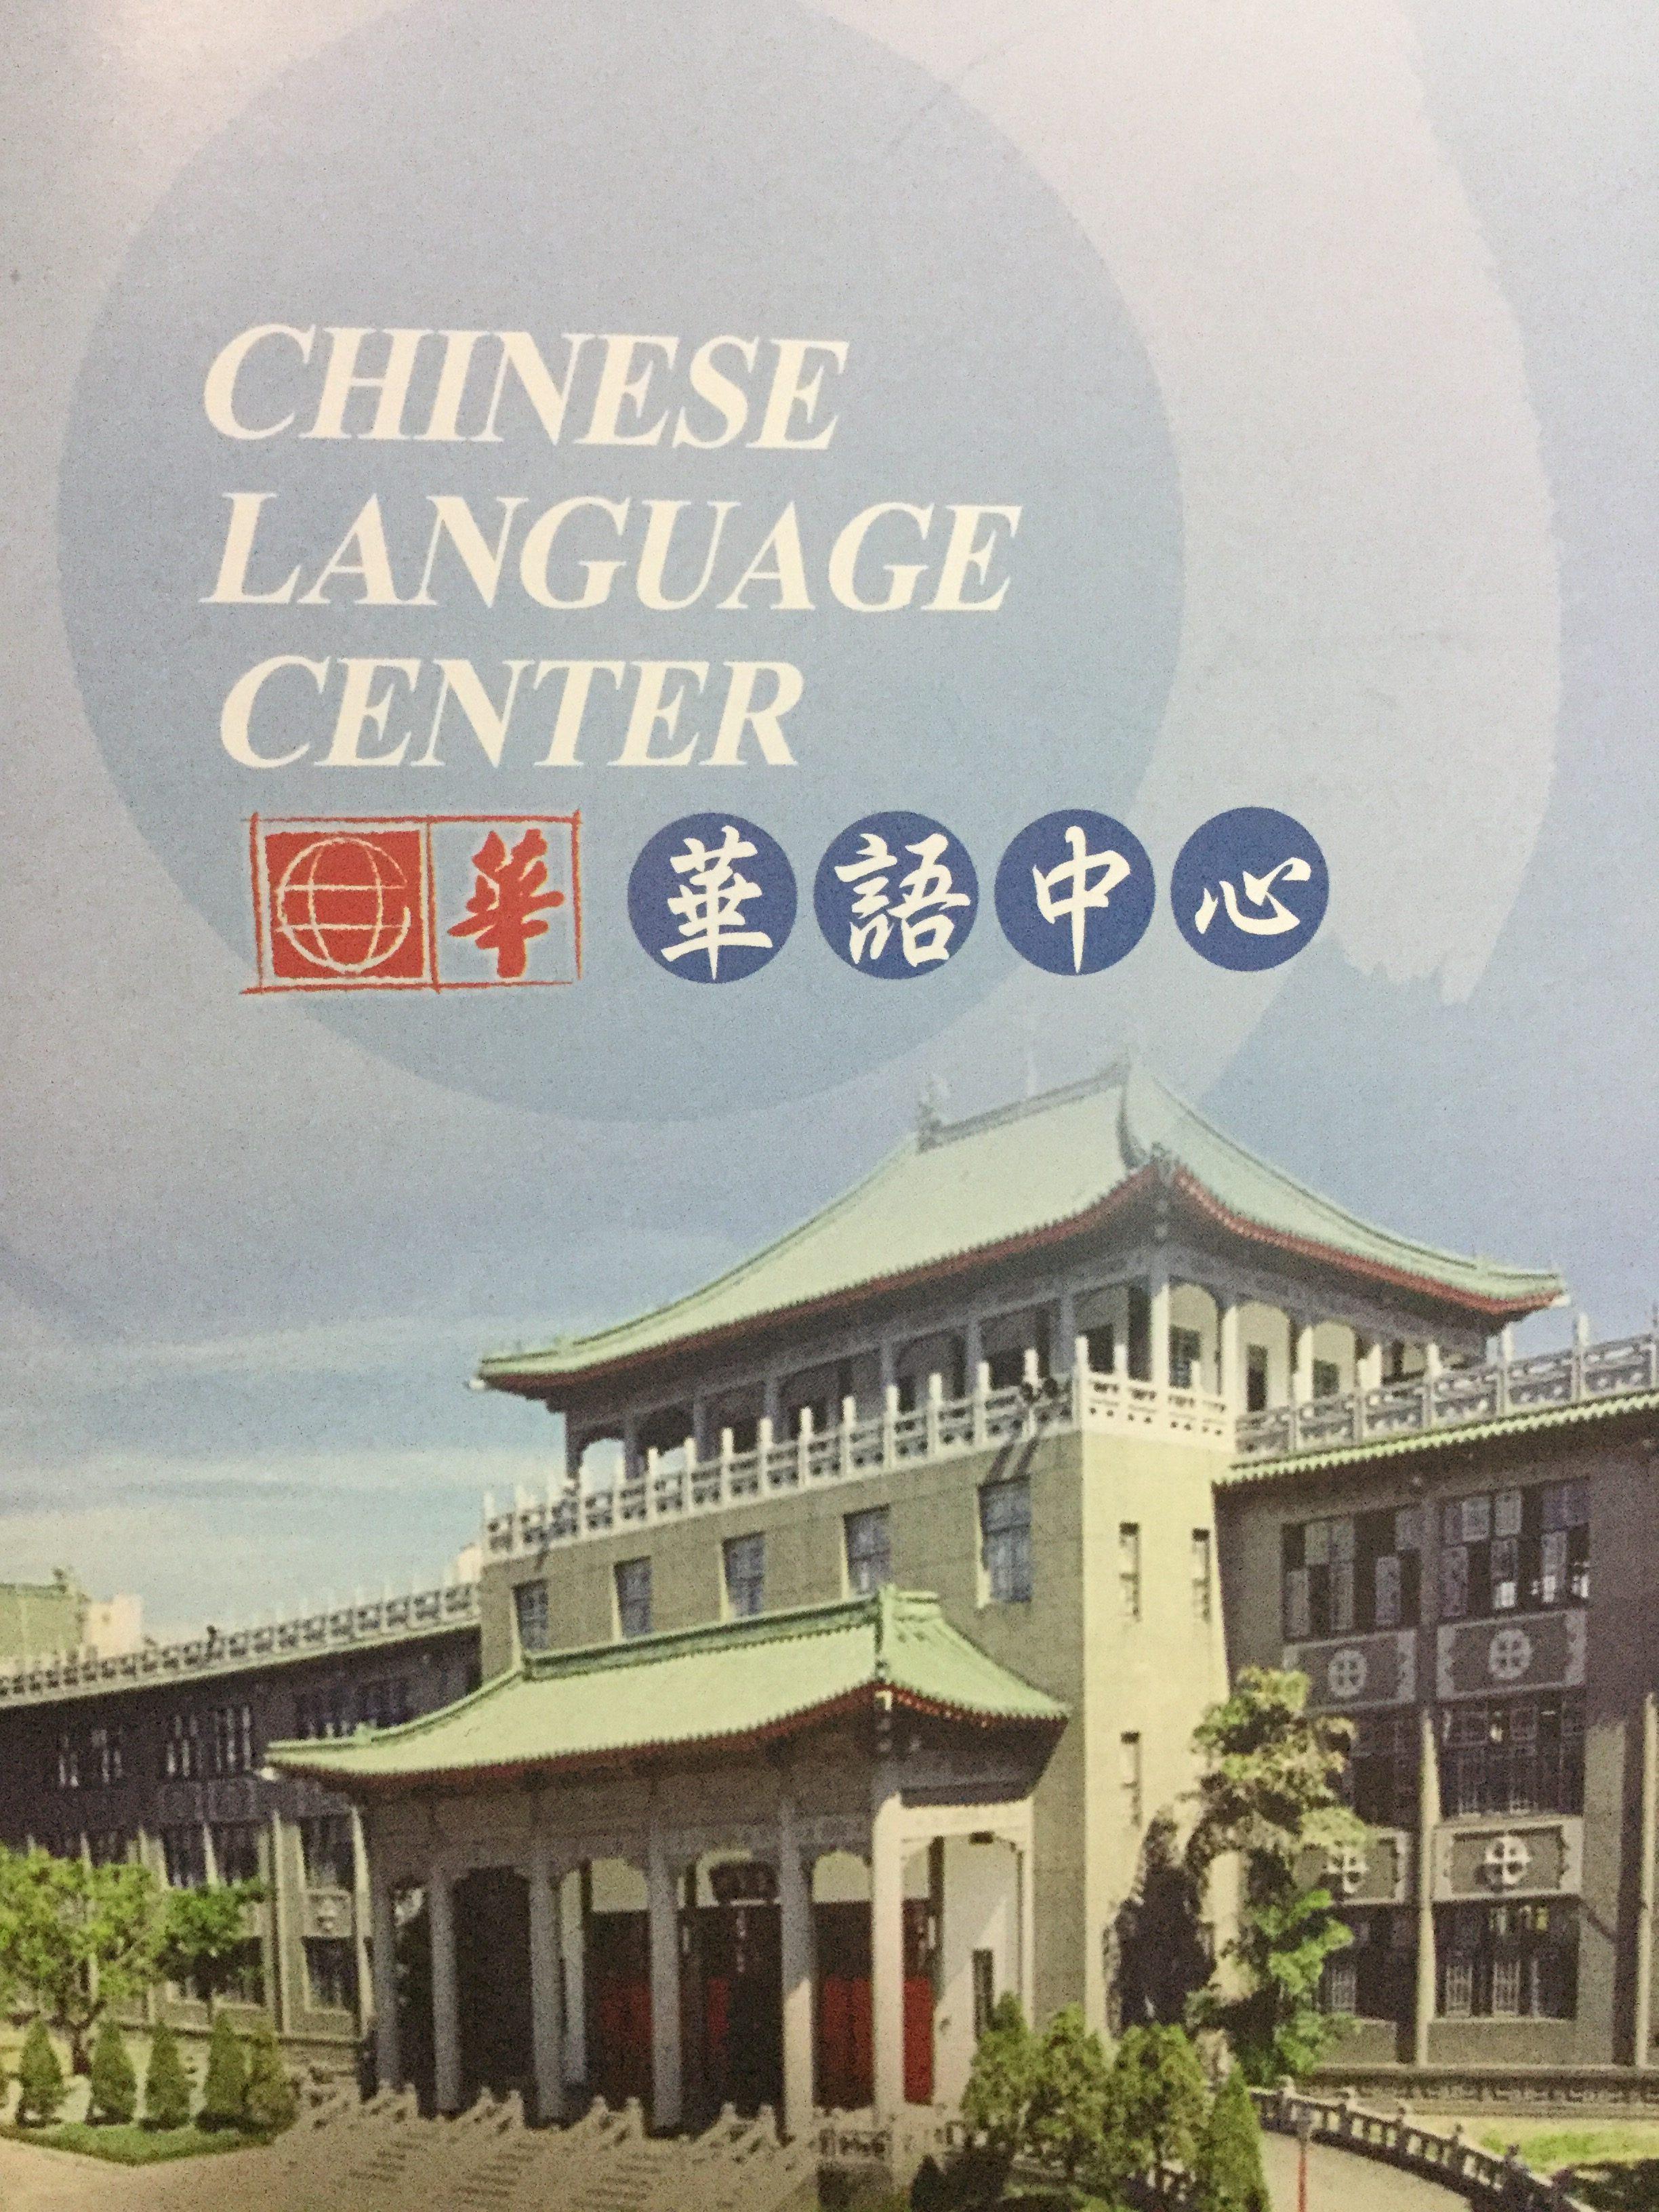 【文藻外語大学、華語中心】学費と入学手続き!台湾の語学学校